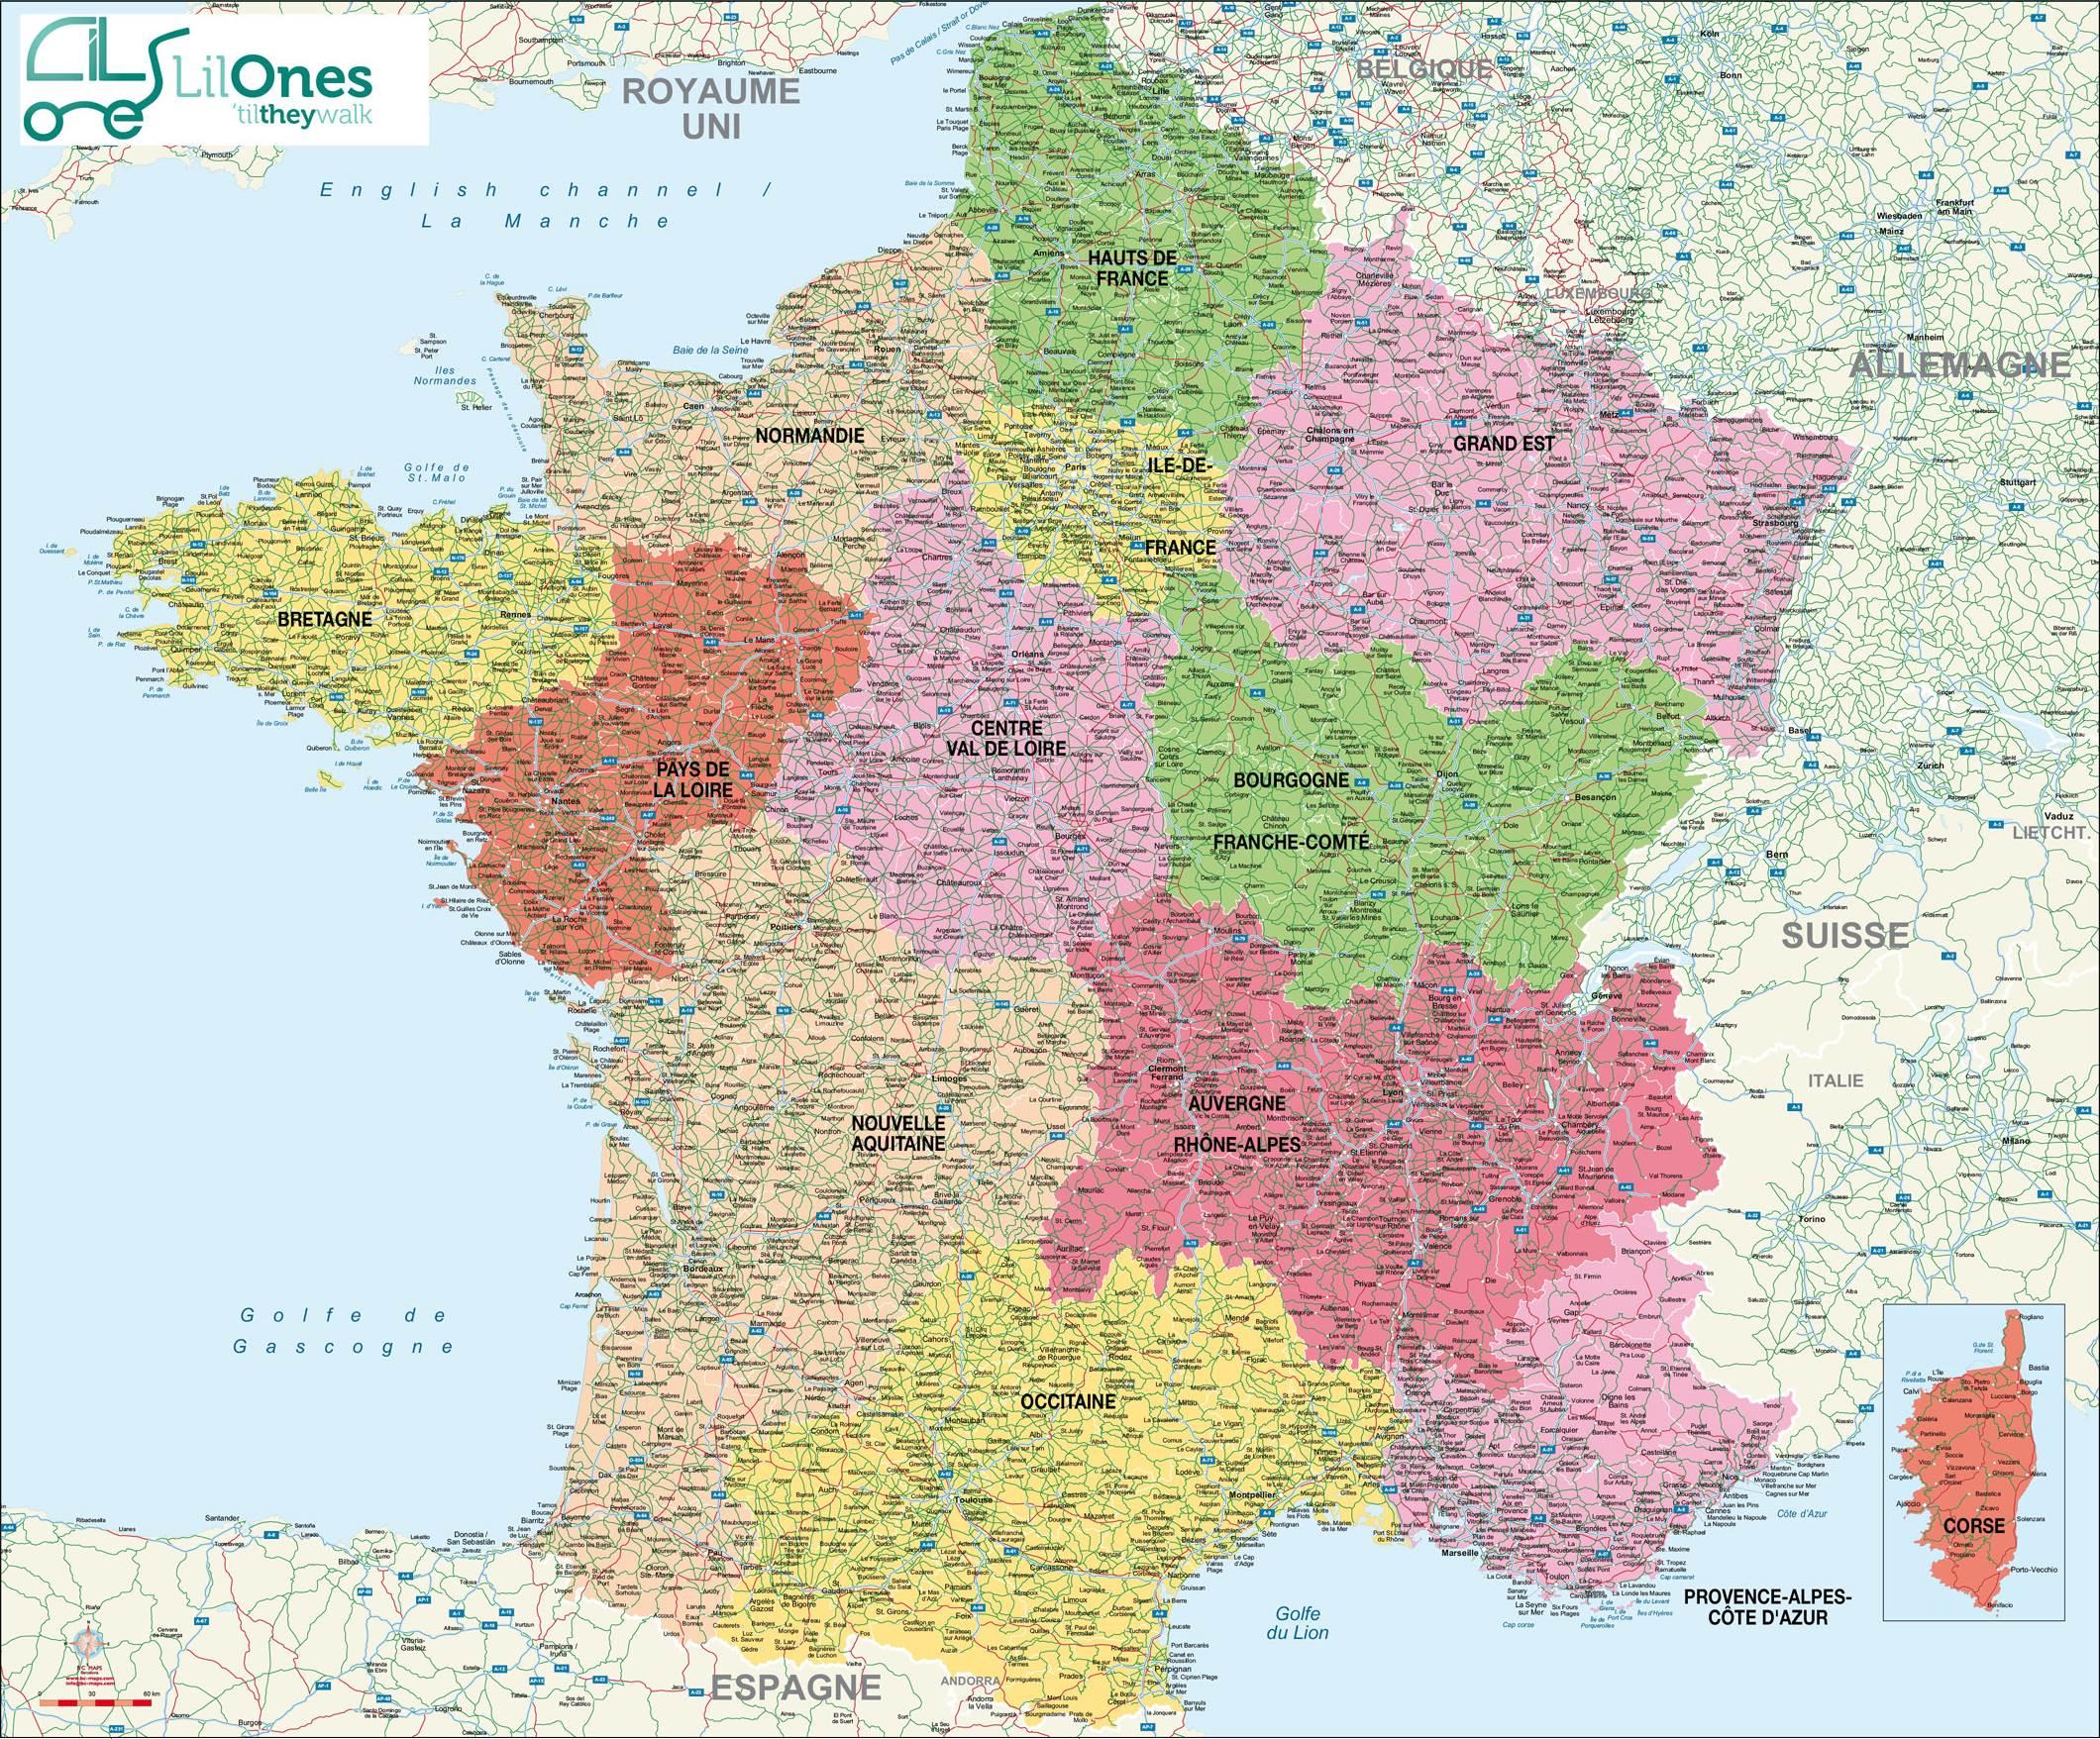 Cartes De France : Cartes Des Régions, Départements Et tout Carte Nouvelle Region